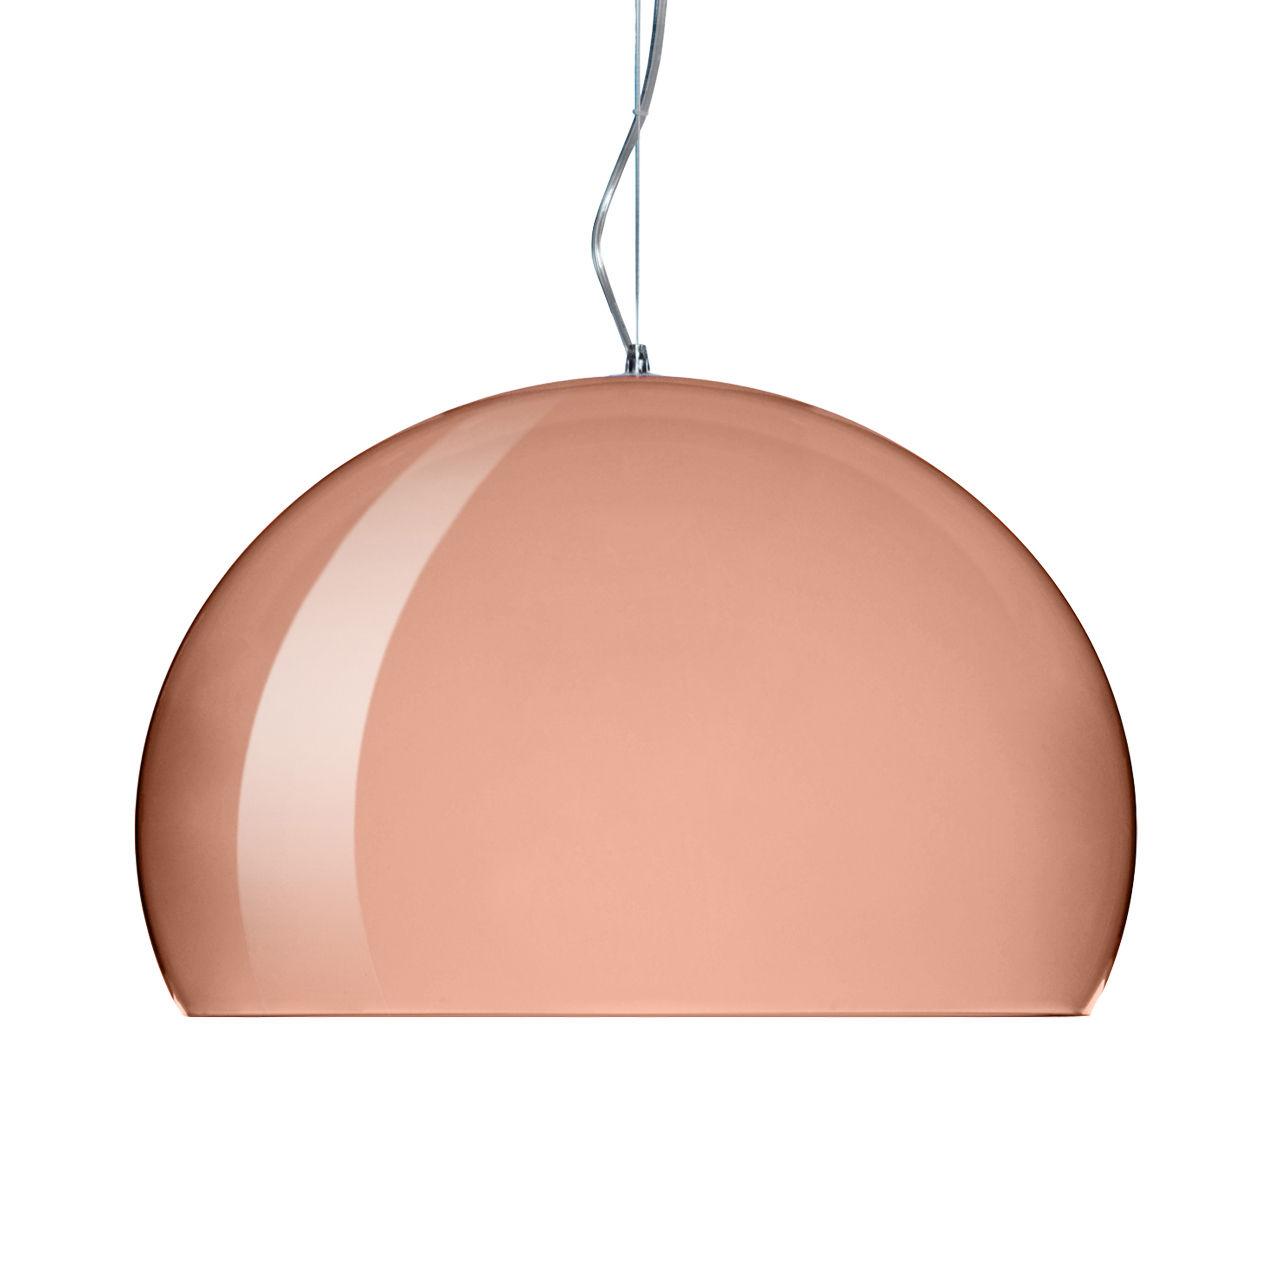 Lampe à suspension FL / Y Small - Ø 38 cm Cuivre Kartell Ferruccio Laviani 1